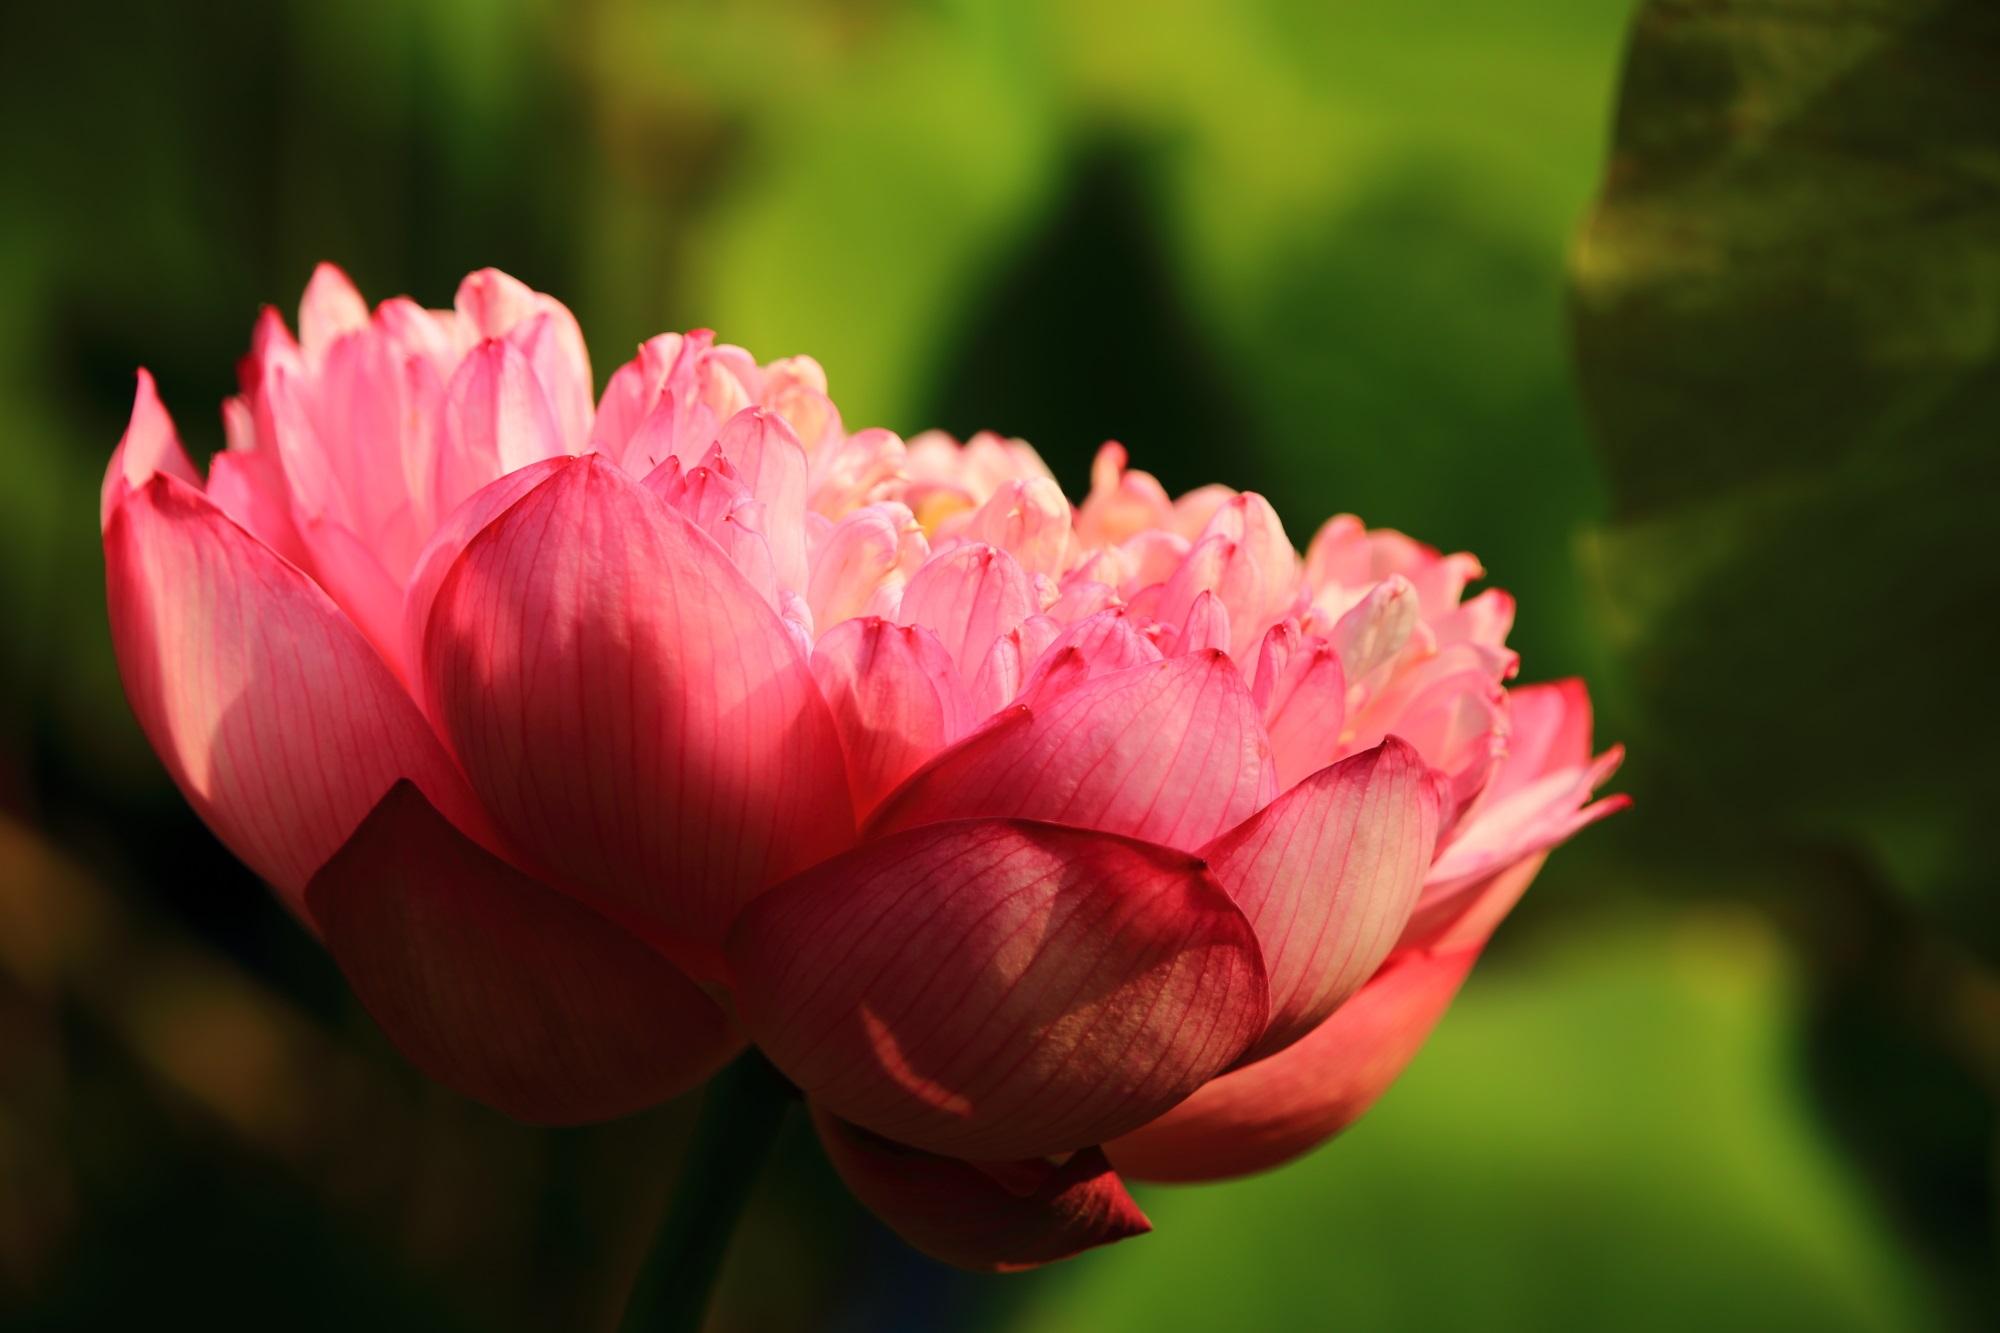 たくさんの可憐な花びらが溢れ出す法金剛院のハス